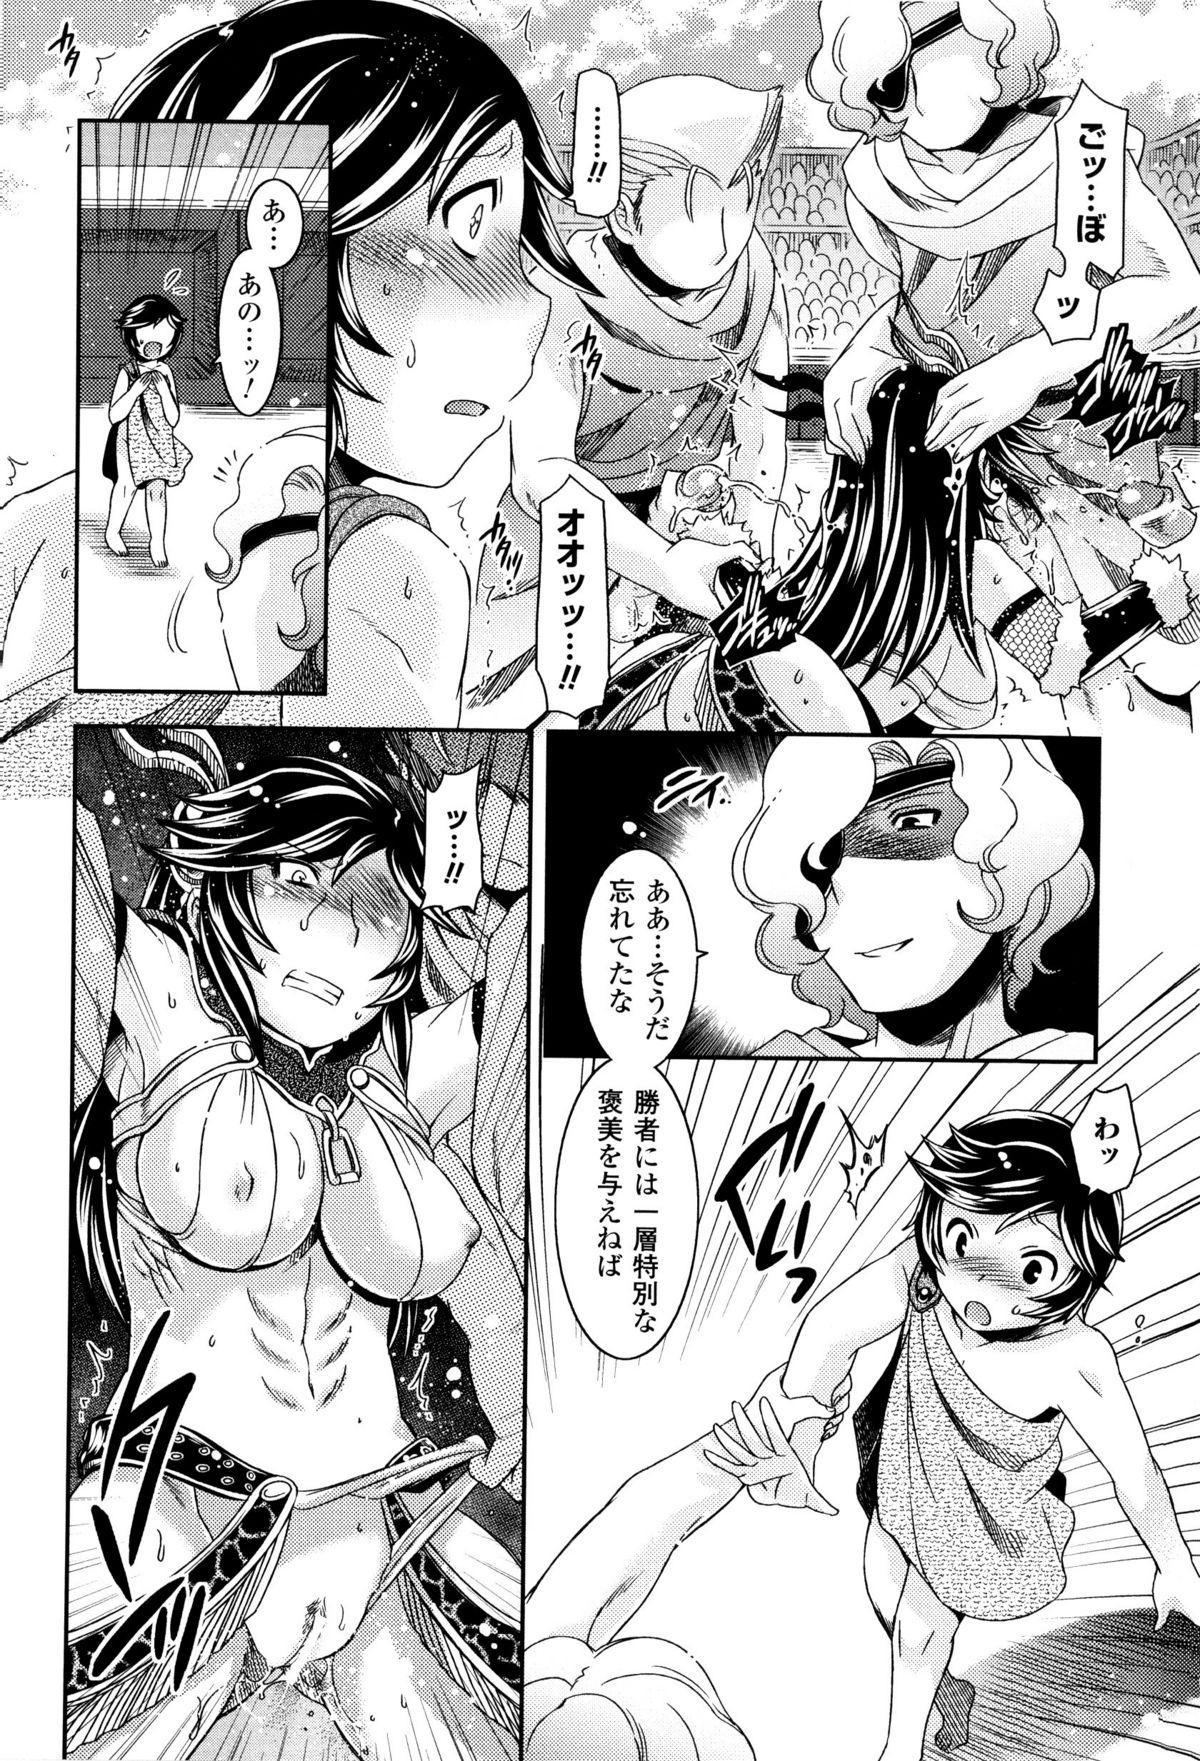 Toushin Engi Vol. 8 112